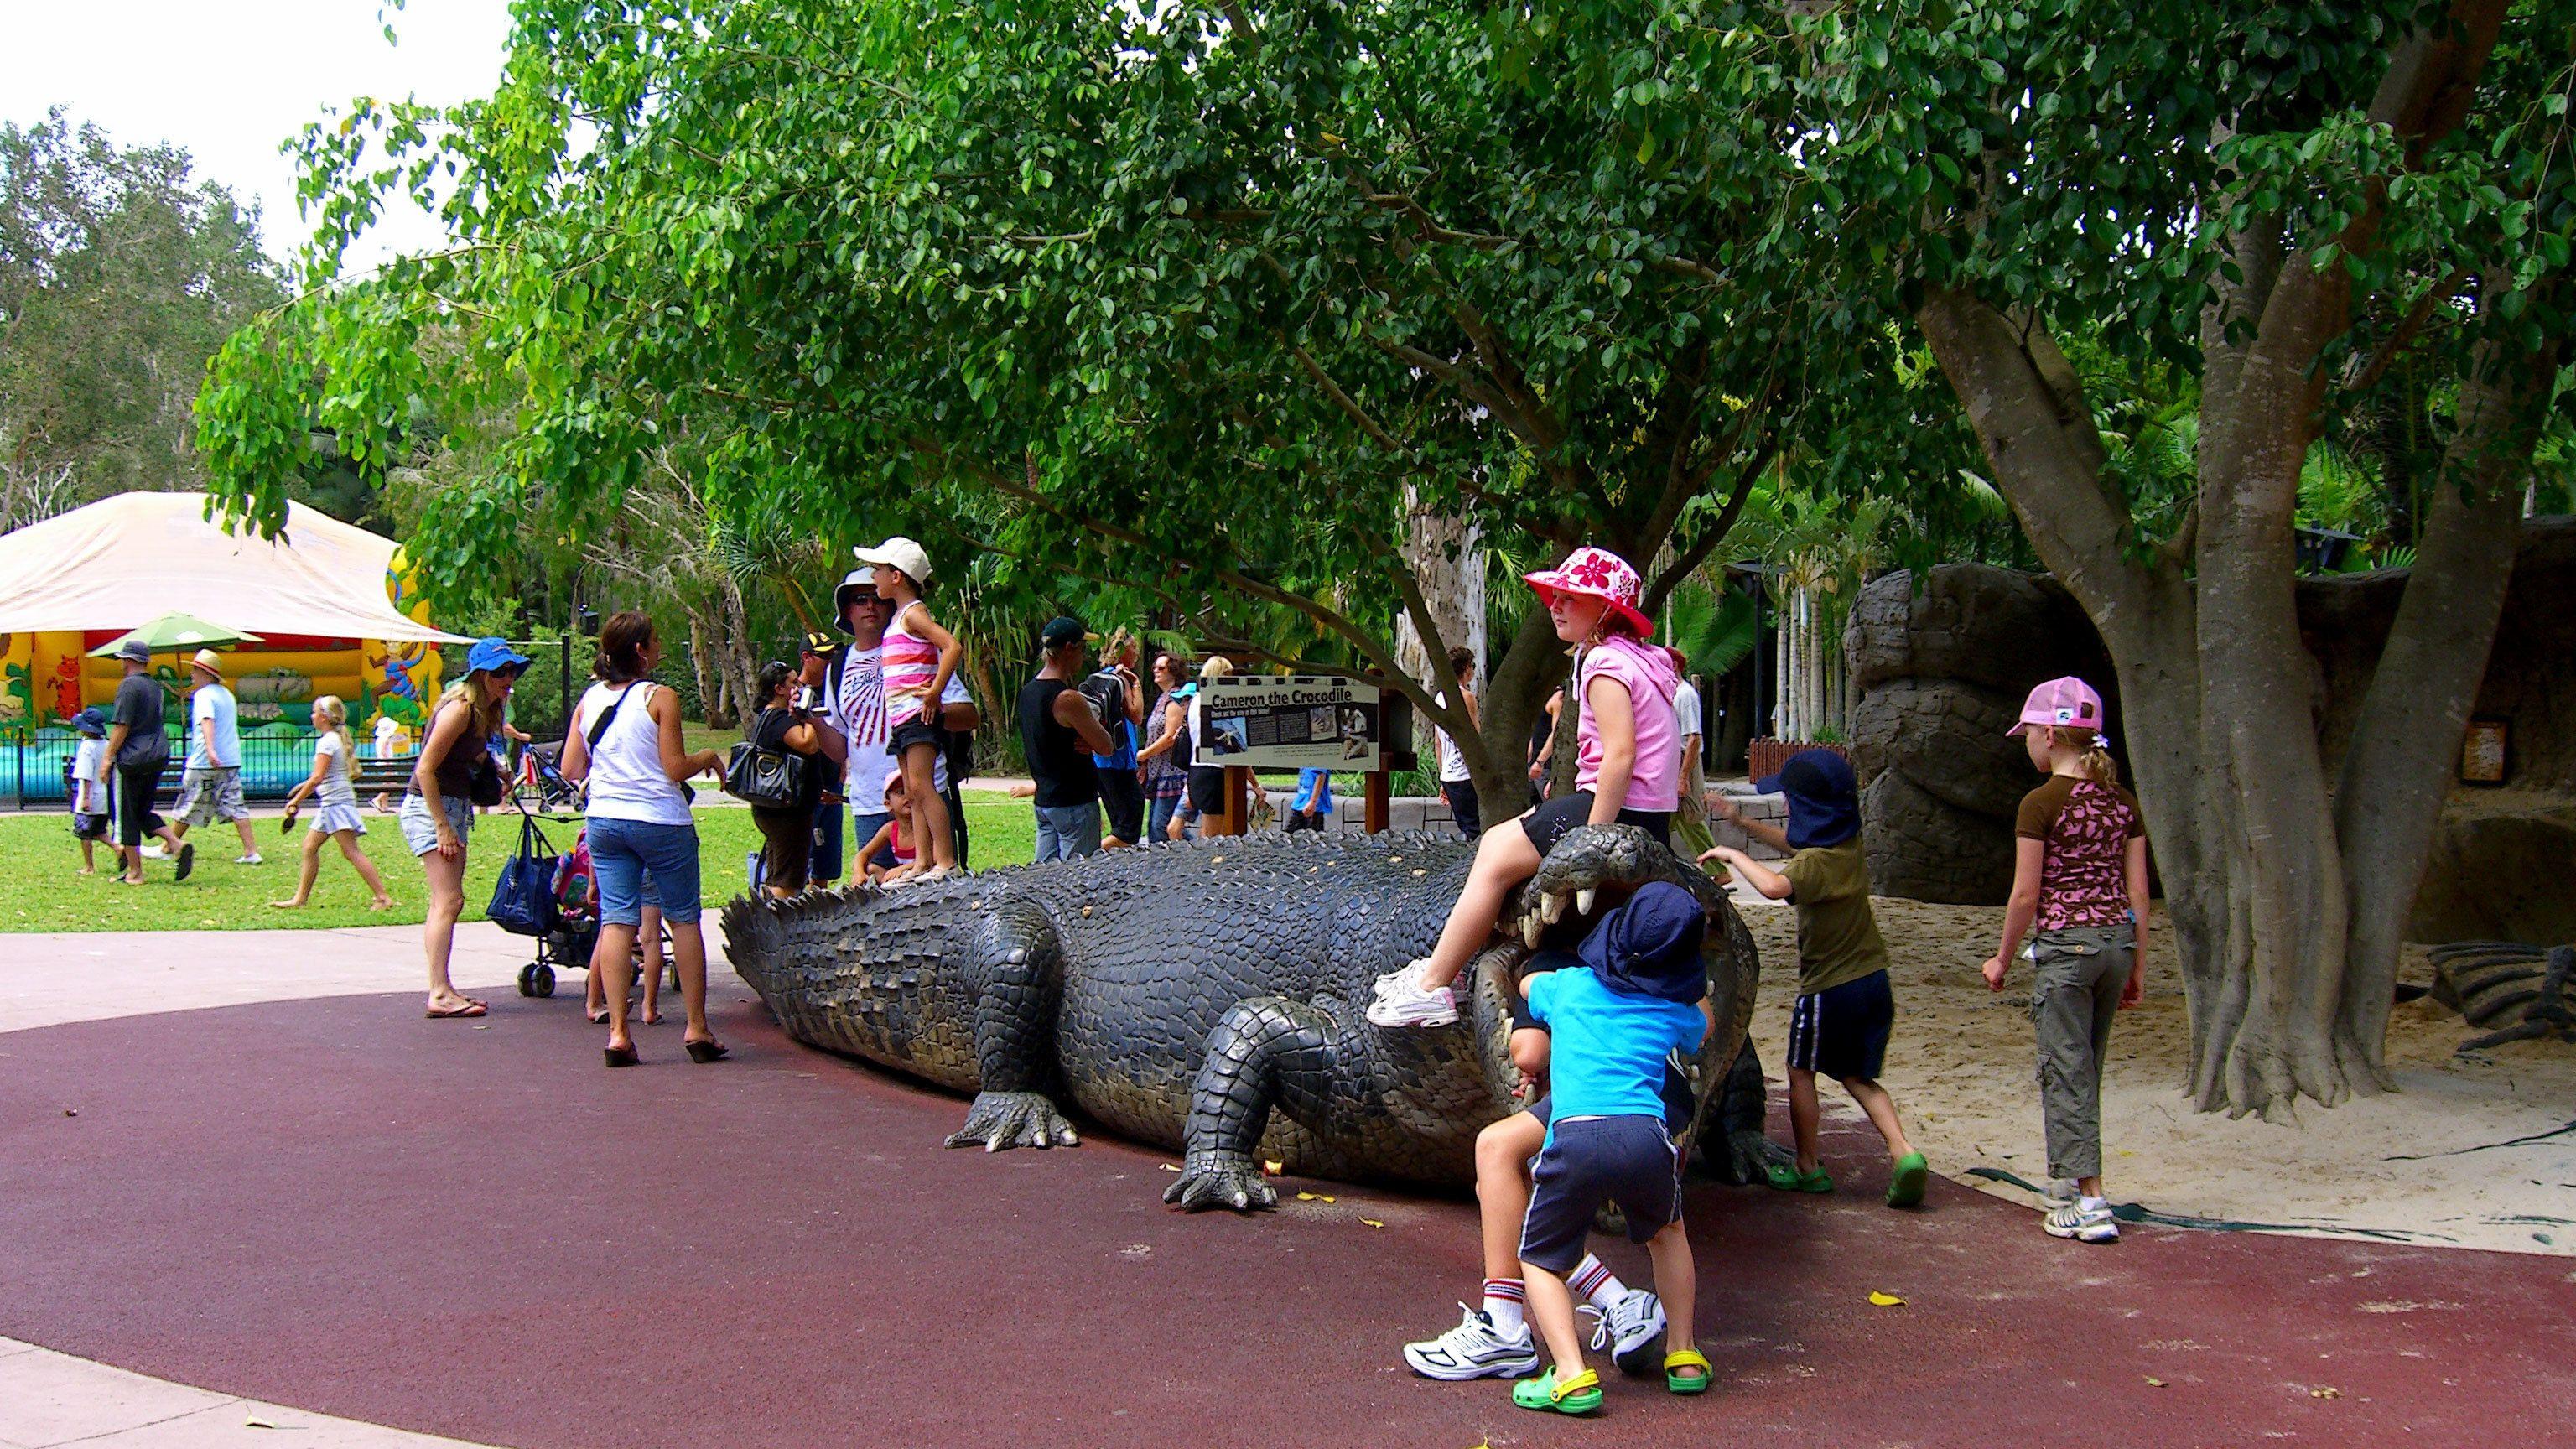 Statue of a crocodile at the Australia Zoo in Australia